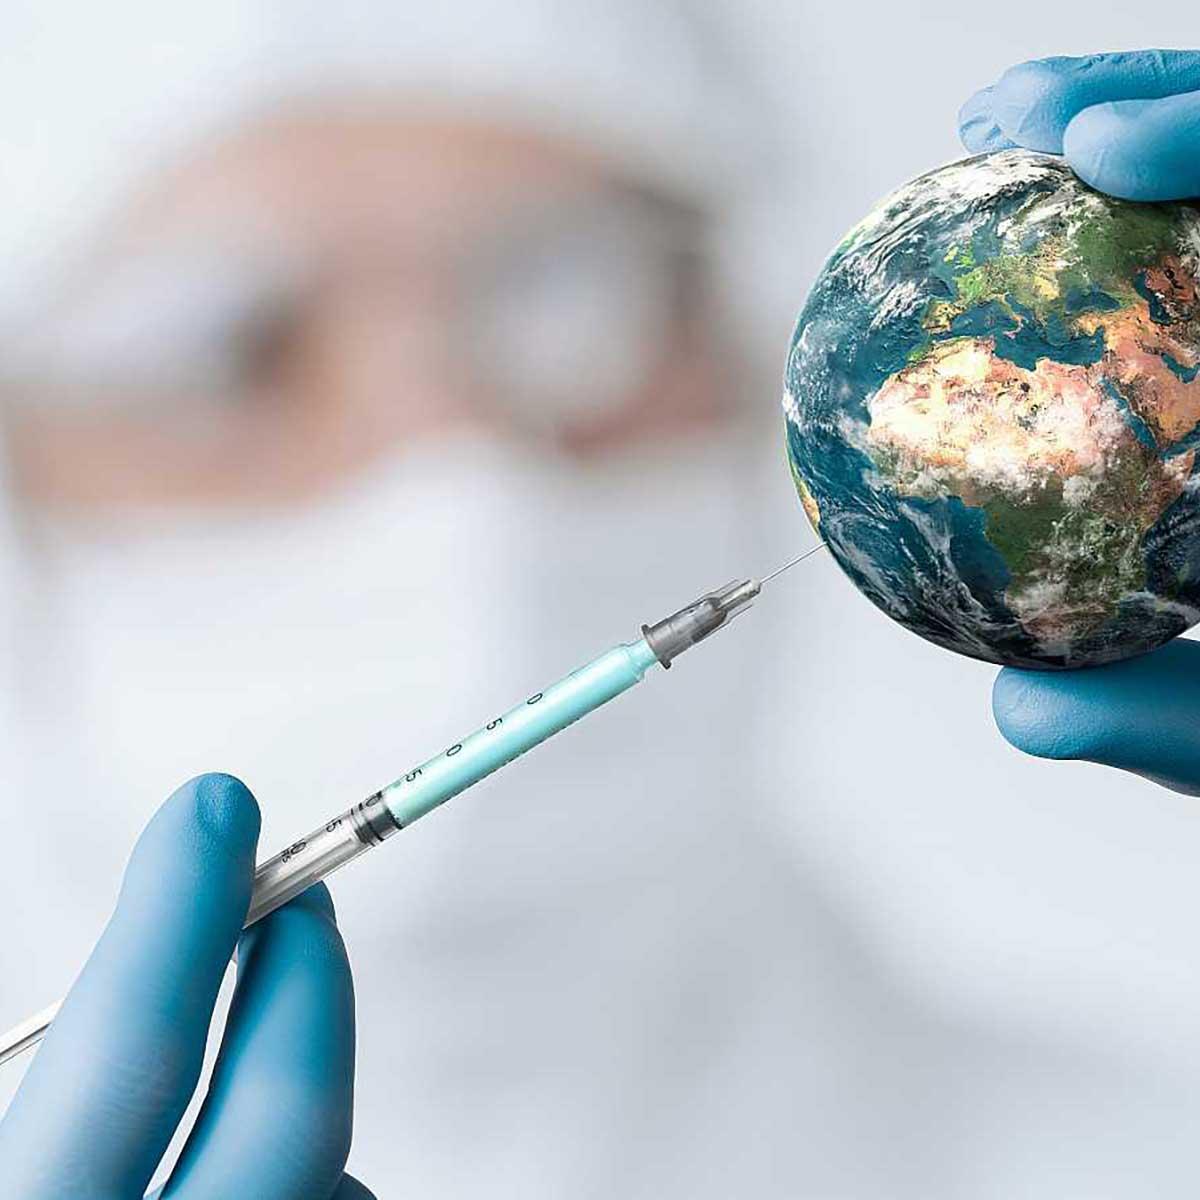 la vacuna llegará a los niños en edad escolar